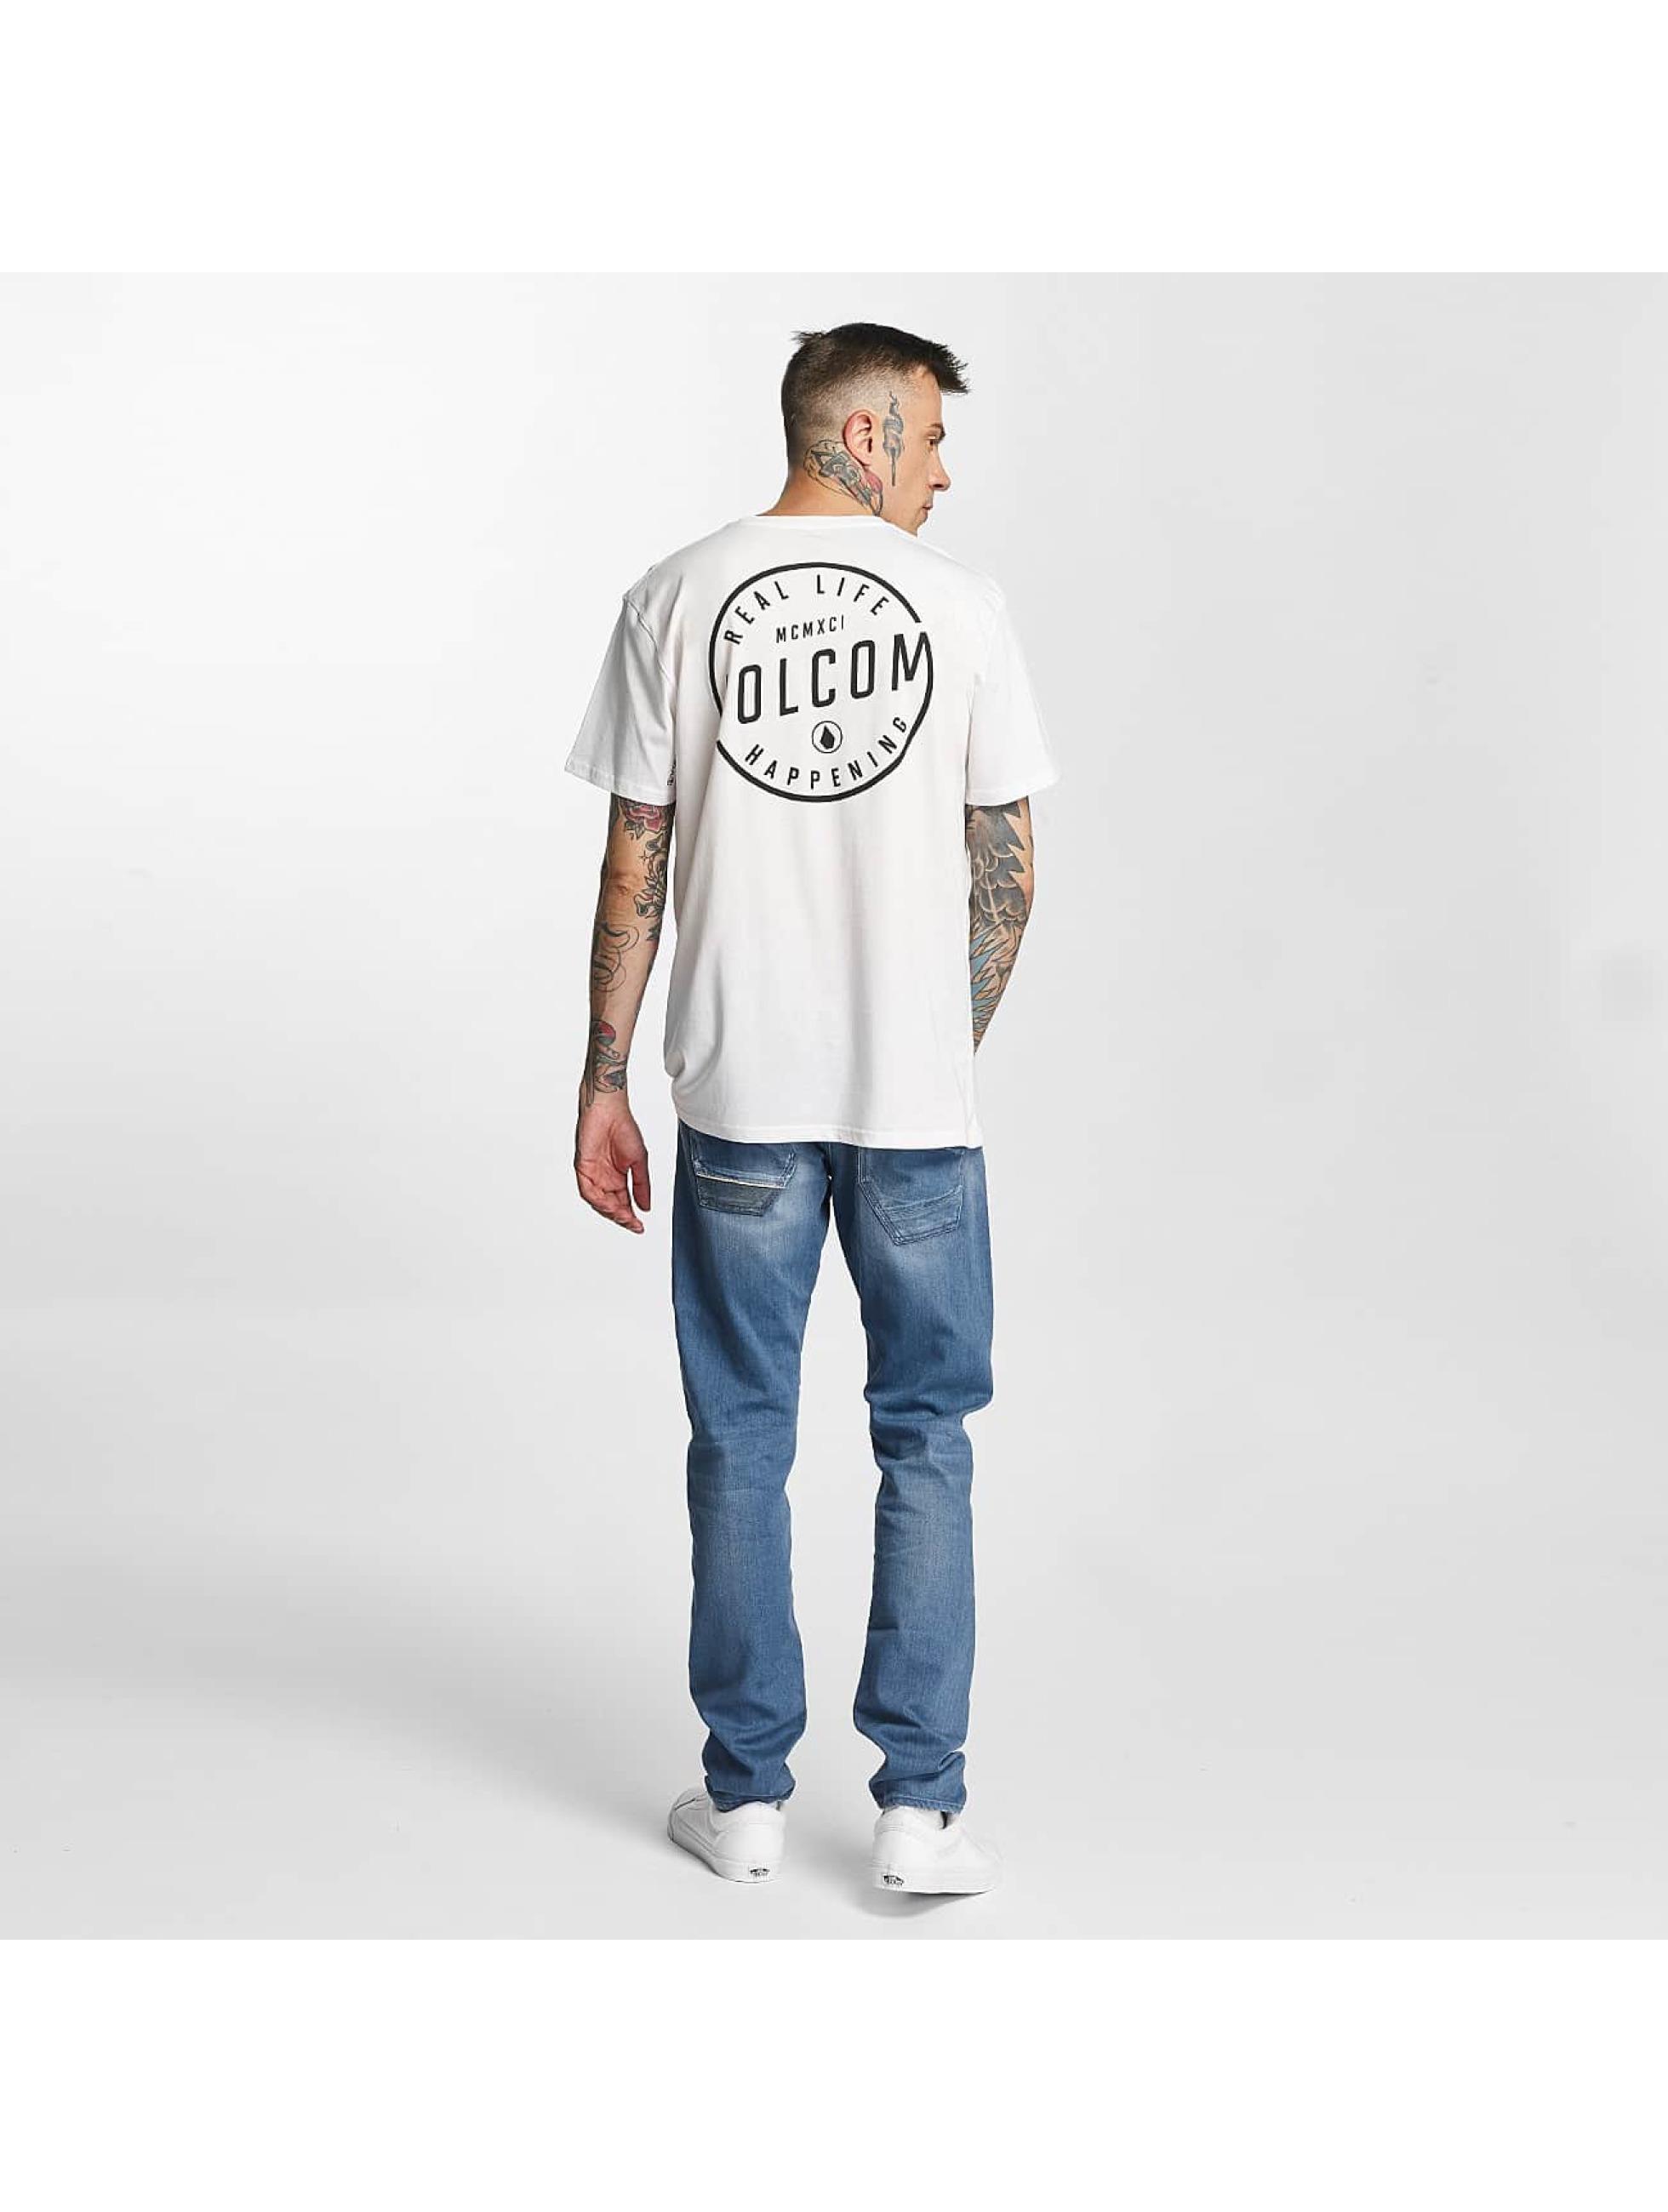 Volcom T-Shirt On Look Basic white